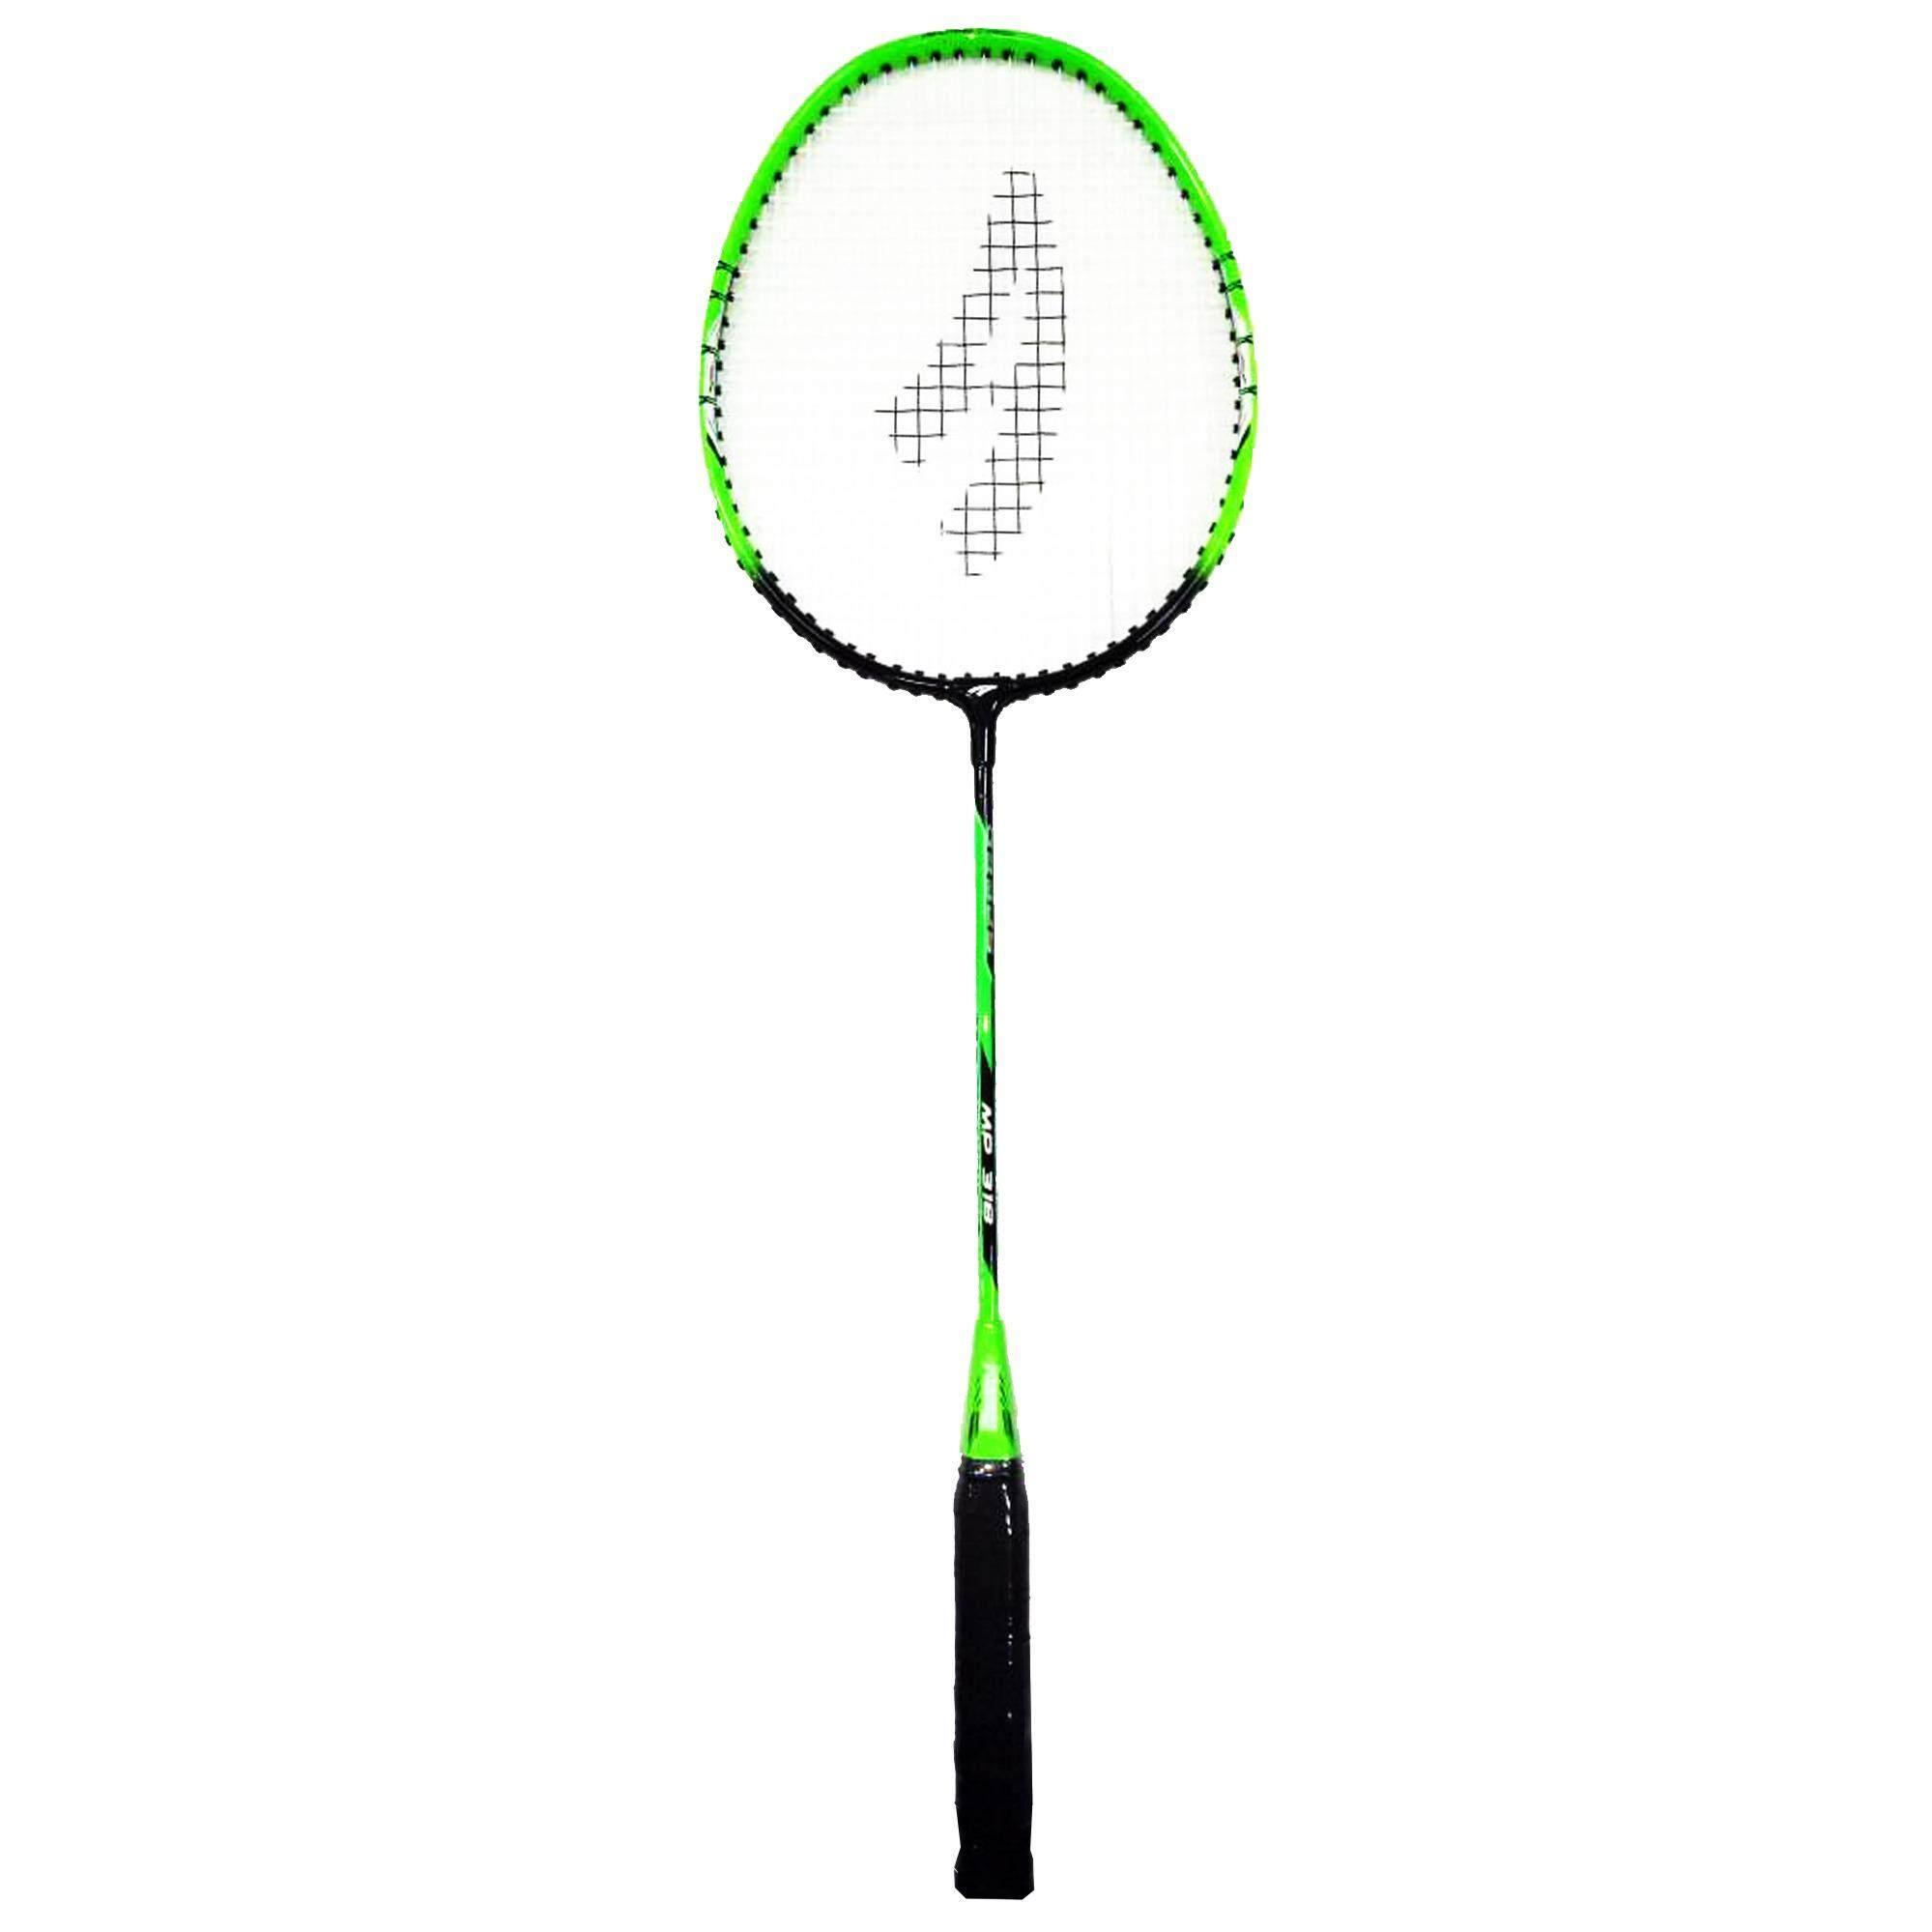 Ambros MP-318 T-Joint Badminton Racket - Green/Black